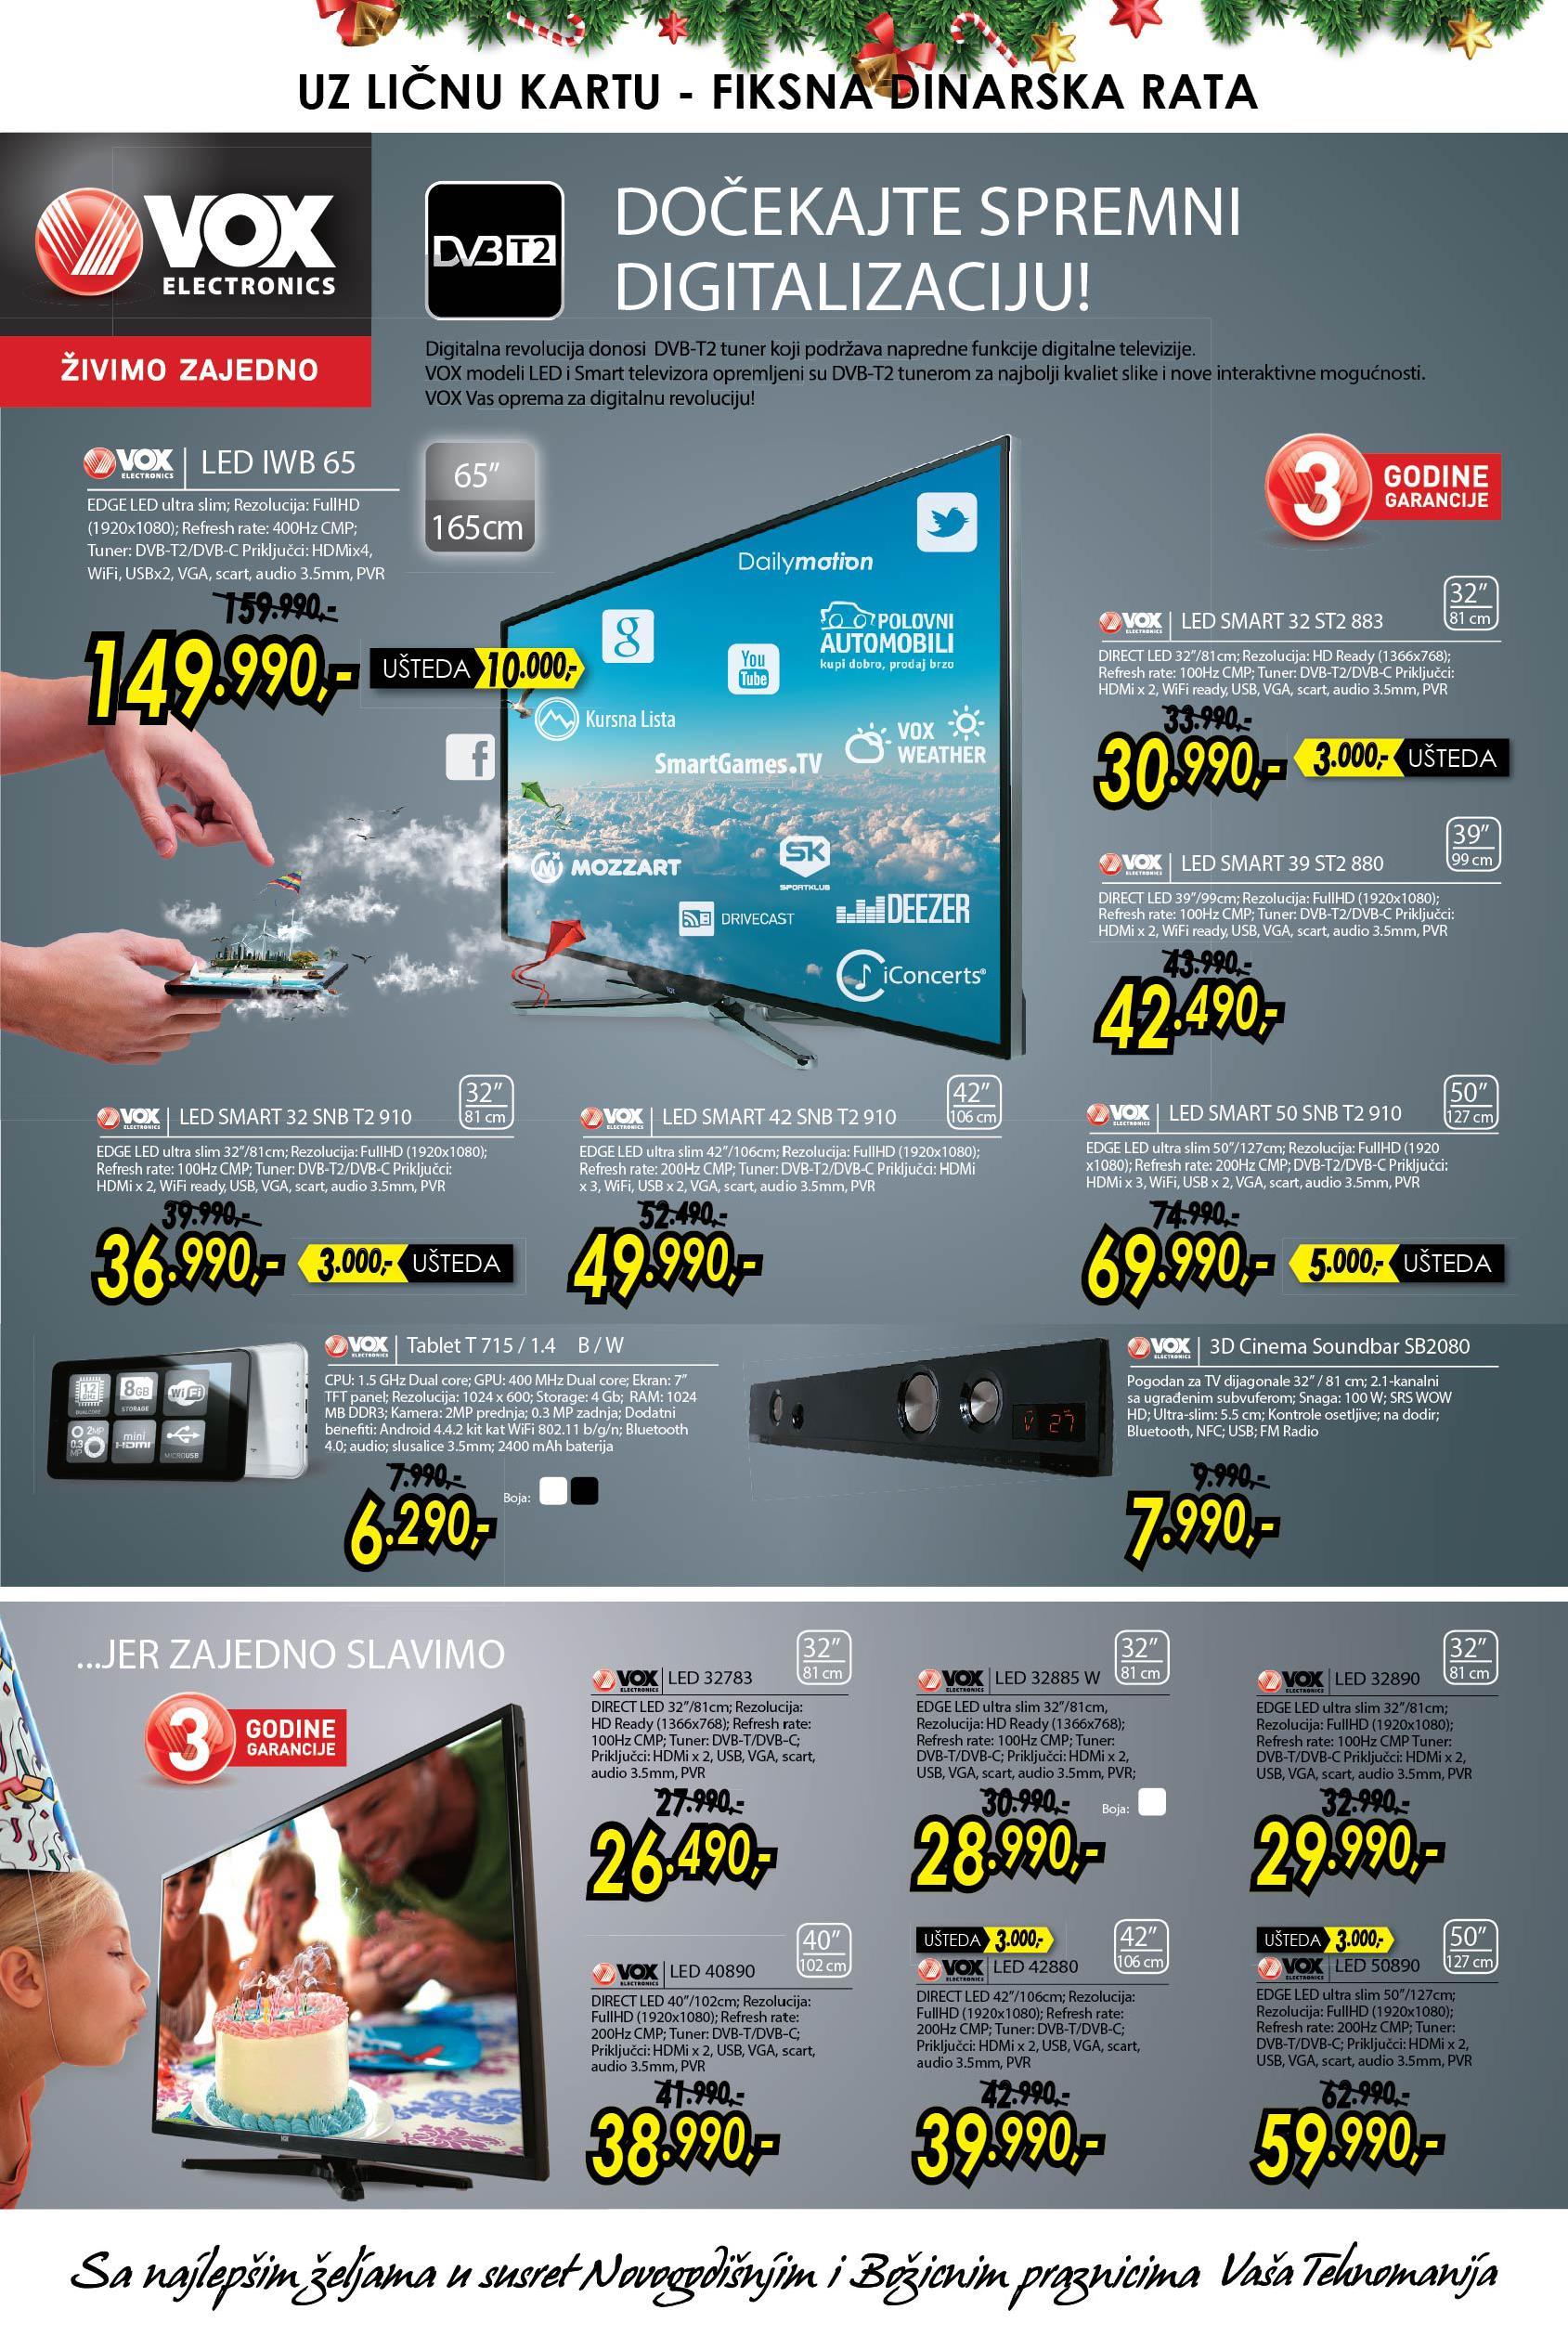 Tehnomanija akcija TV aparati na sniženju